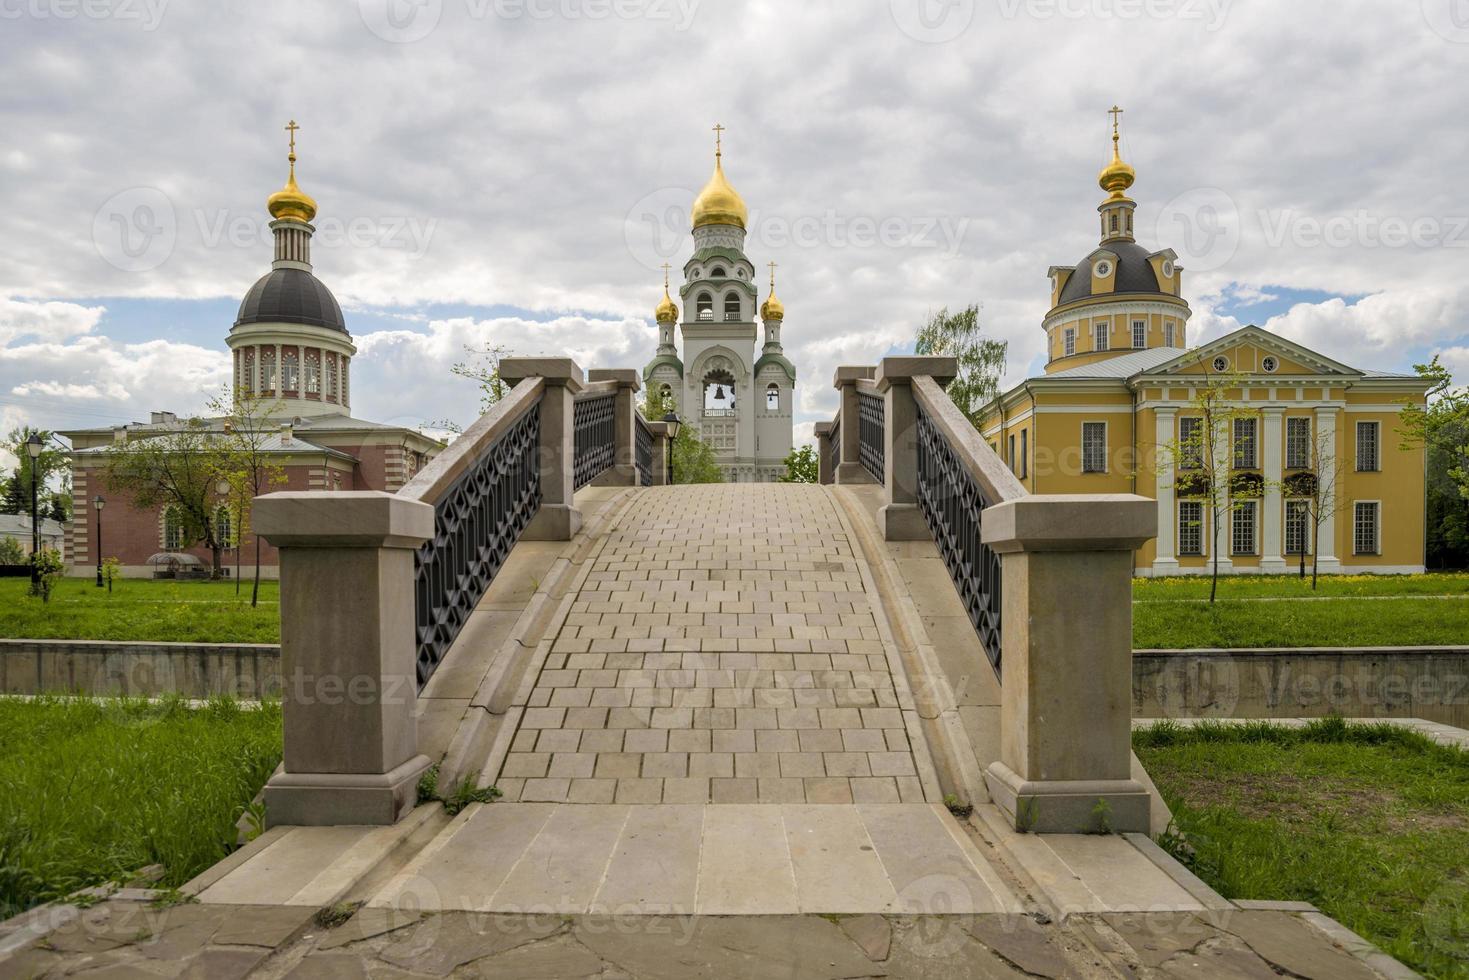 antigua iglesia ortodoxa rusa en el monasterio foto